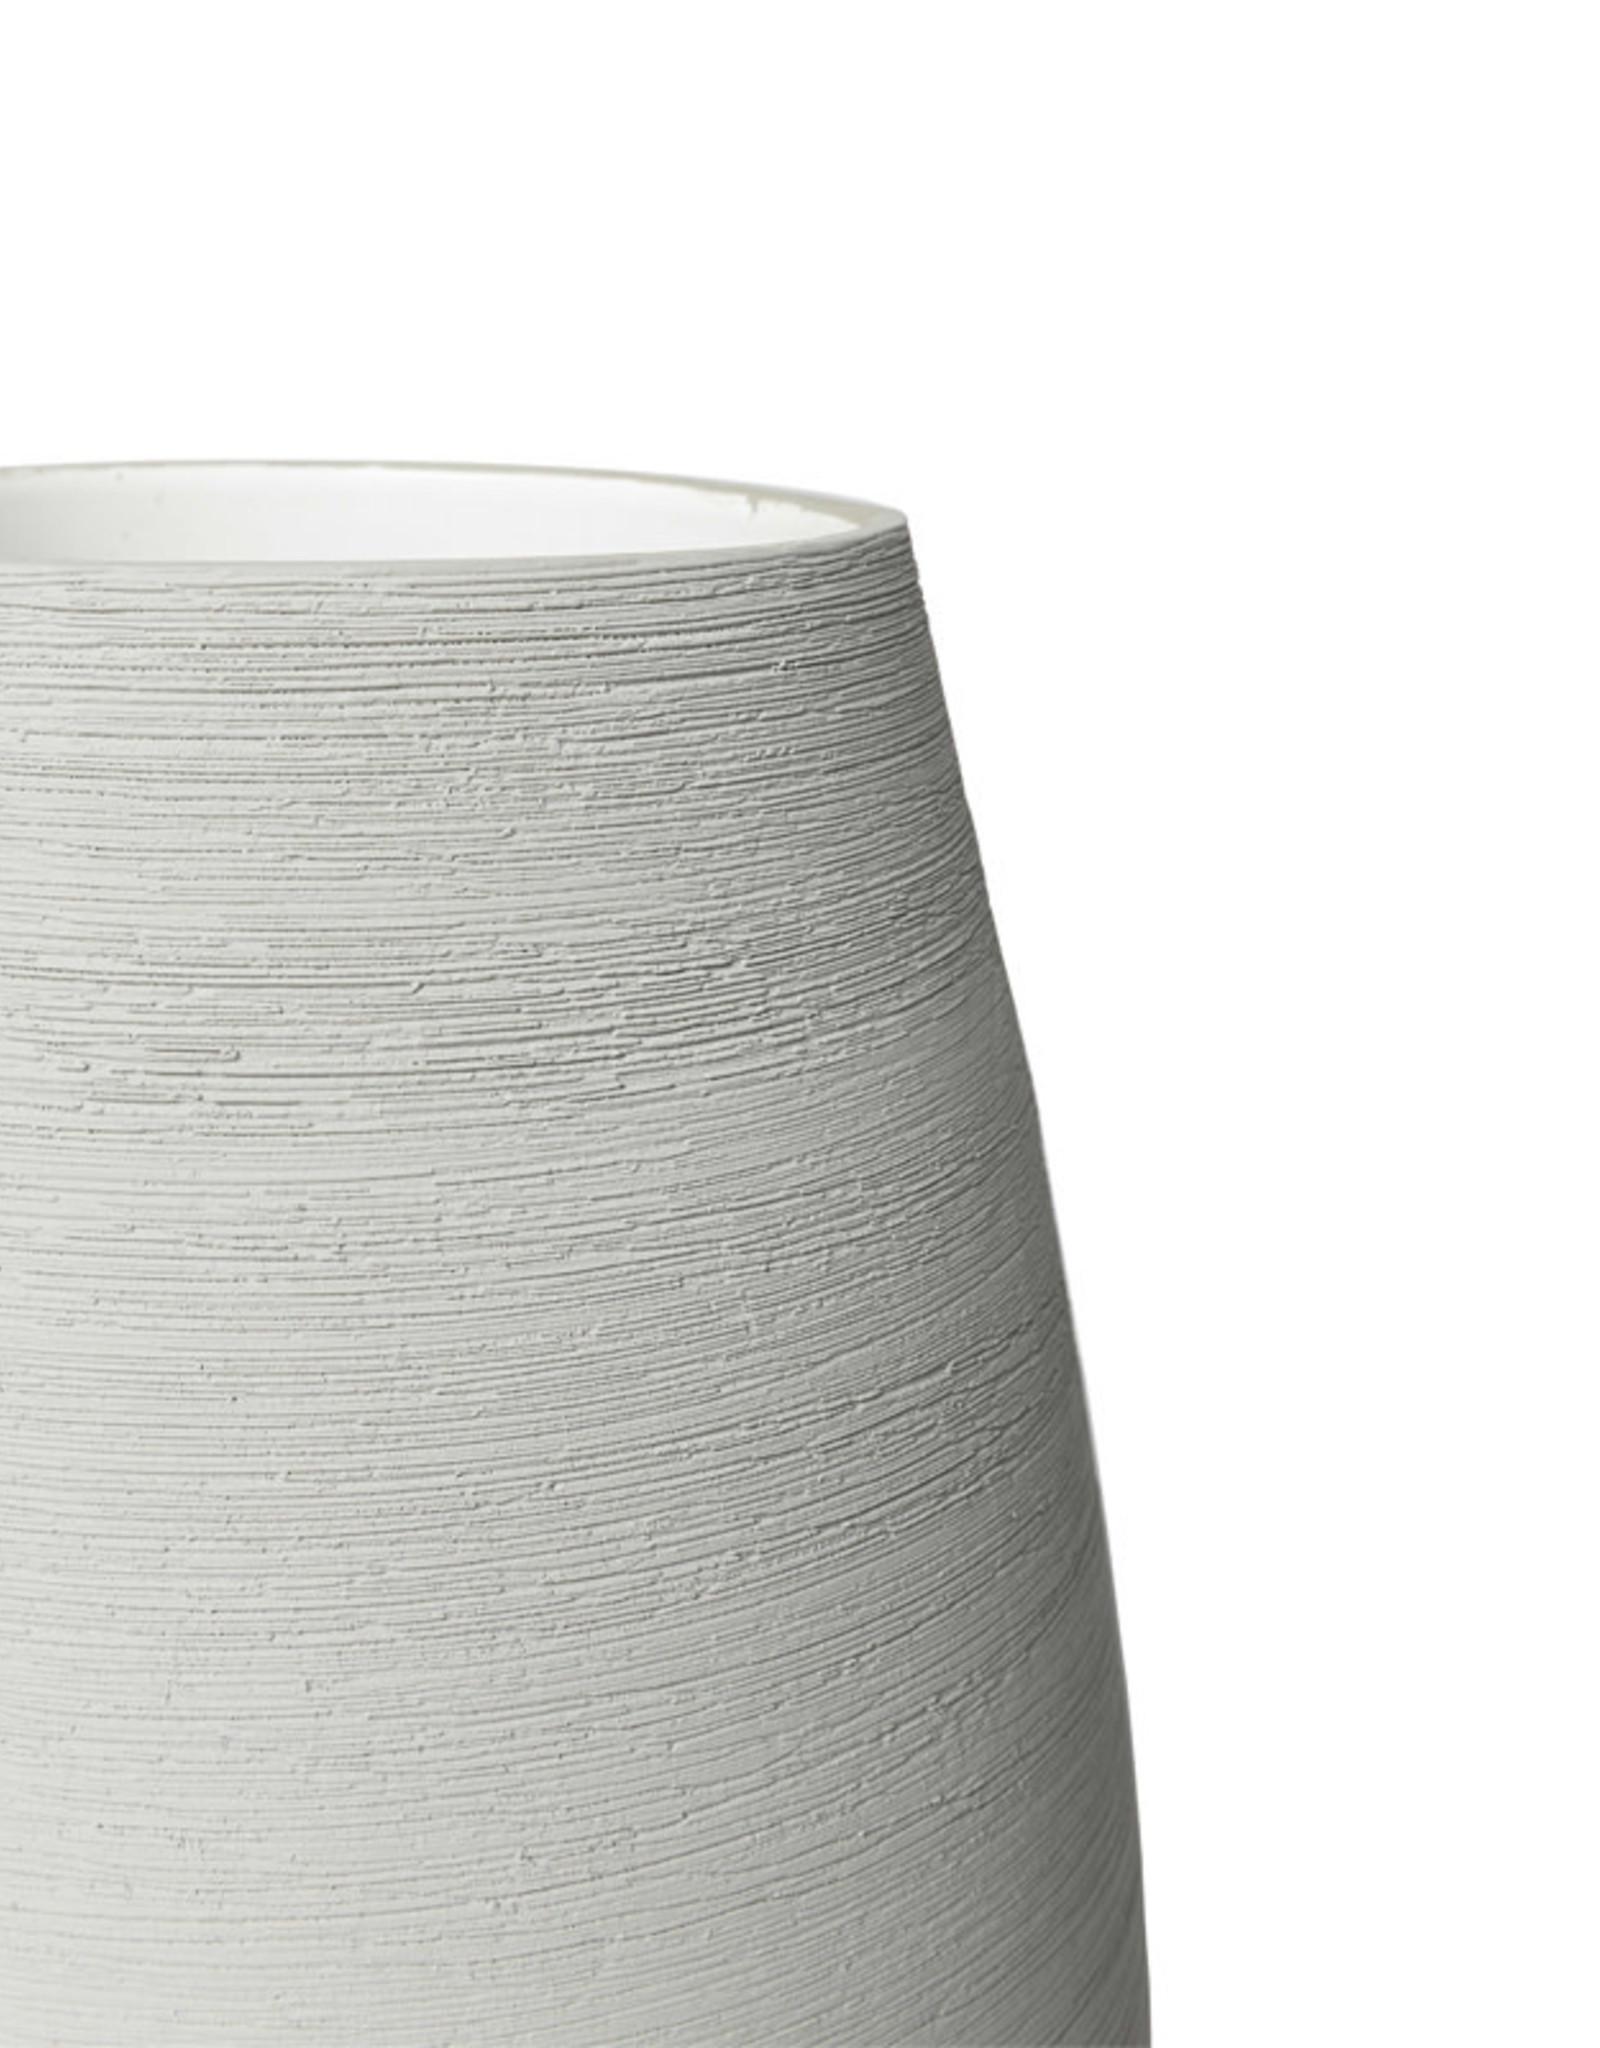 MED SOFT GREY VASE-HORIZ LINES D24H31cm